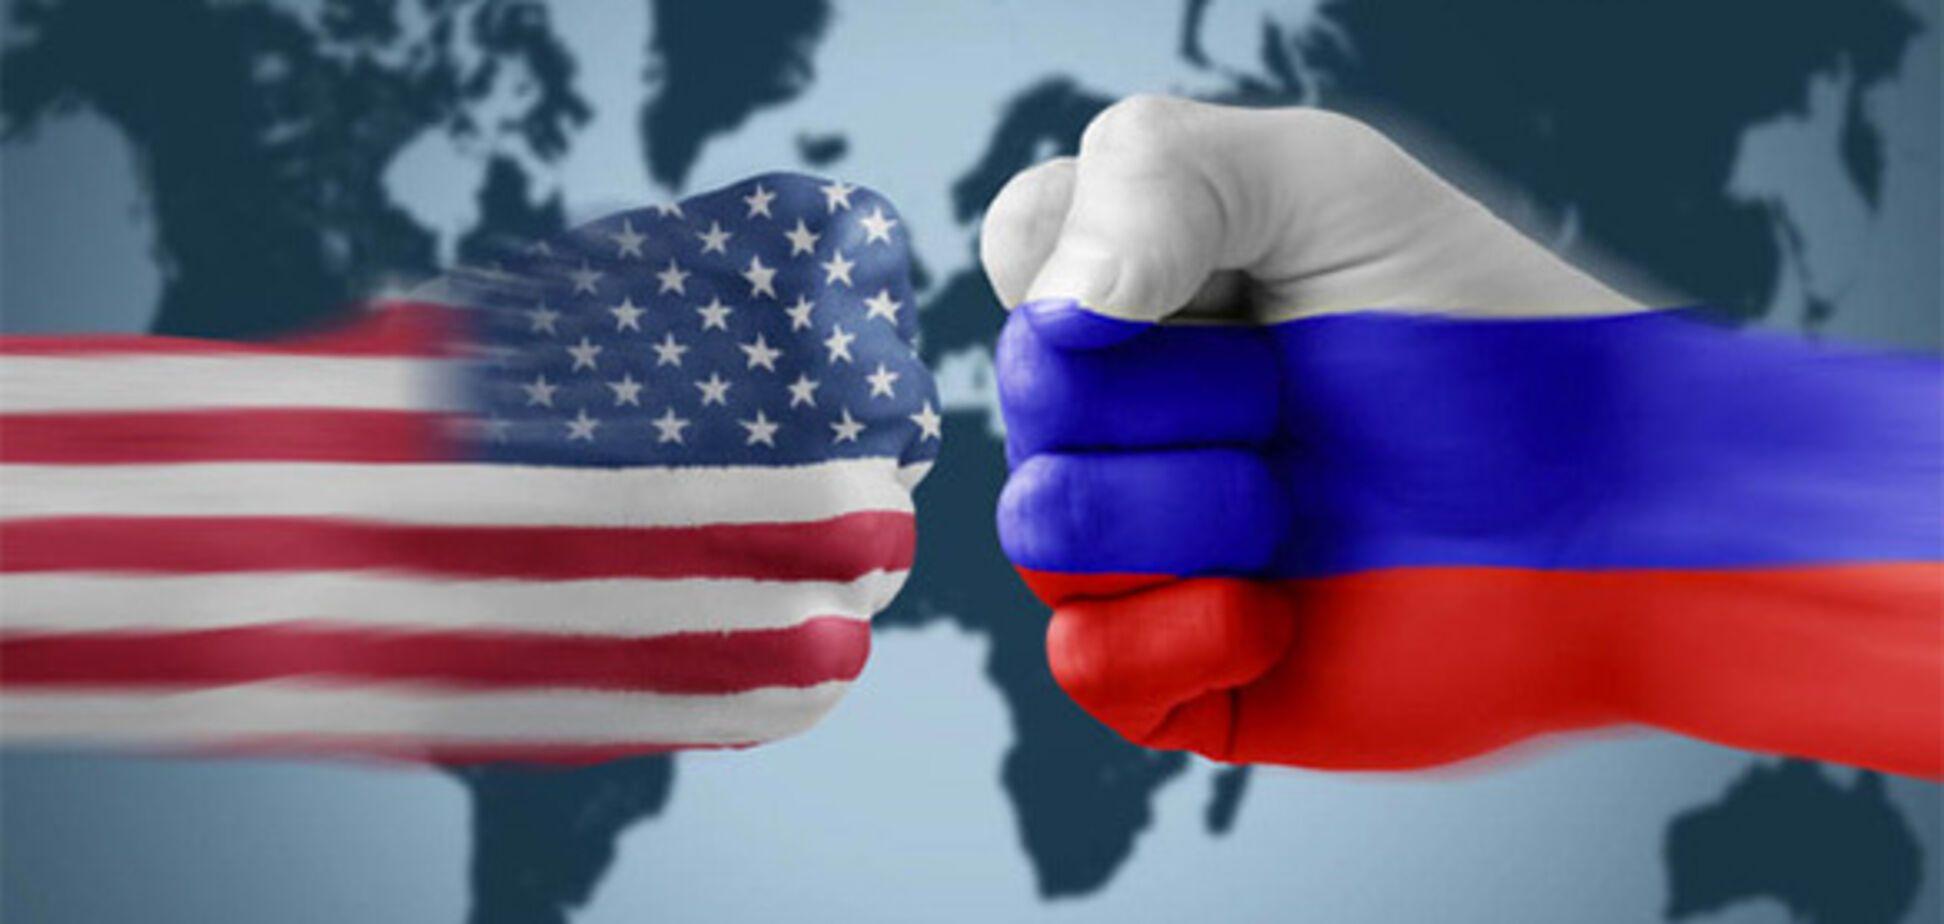 Госдеп США обвинил Россию в разжигании войны в Украине: текст заявления